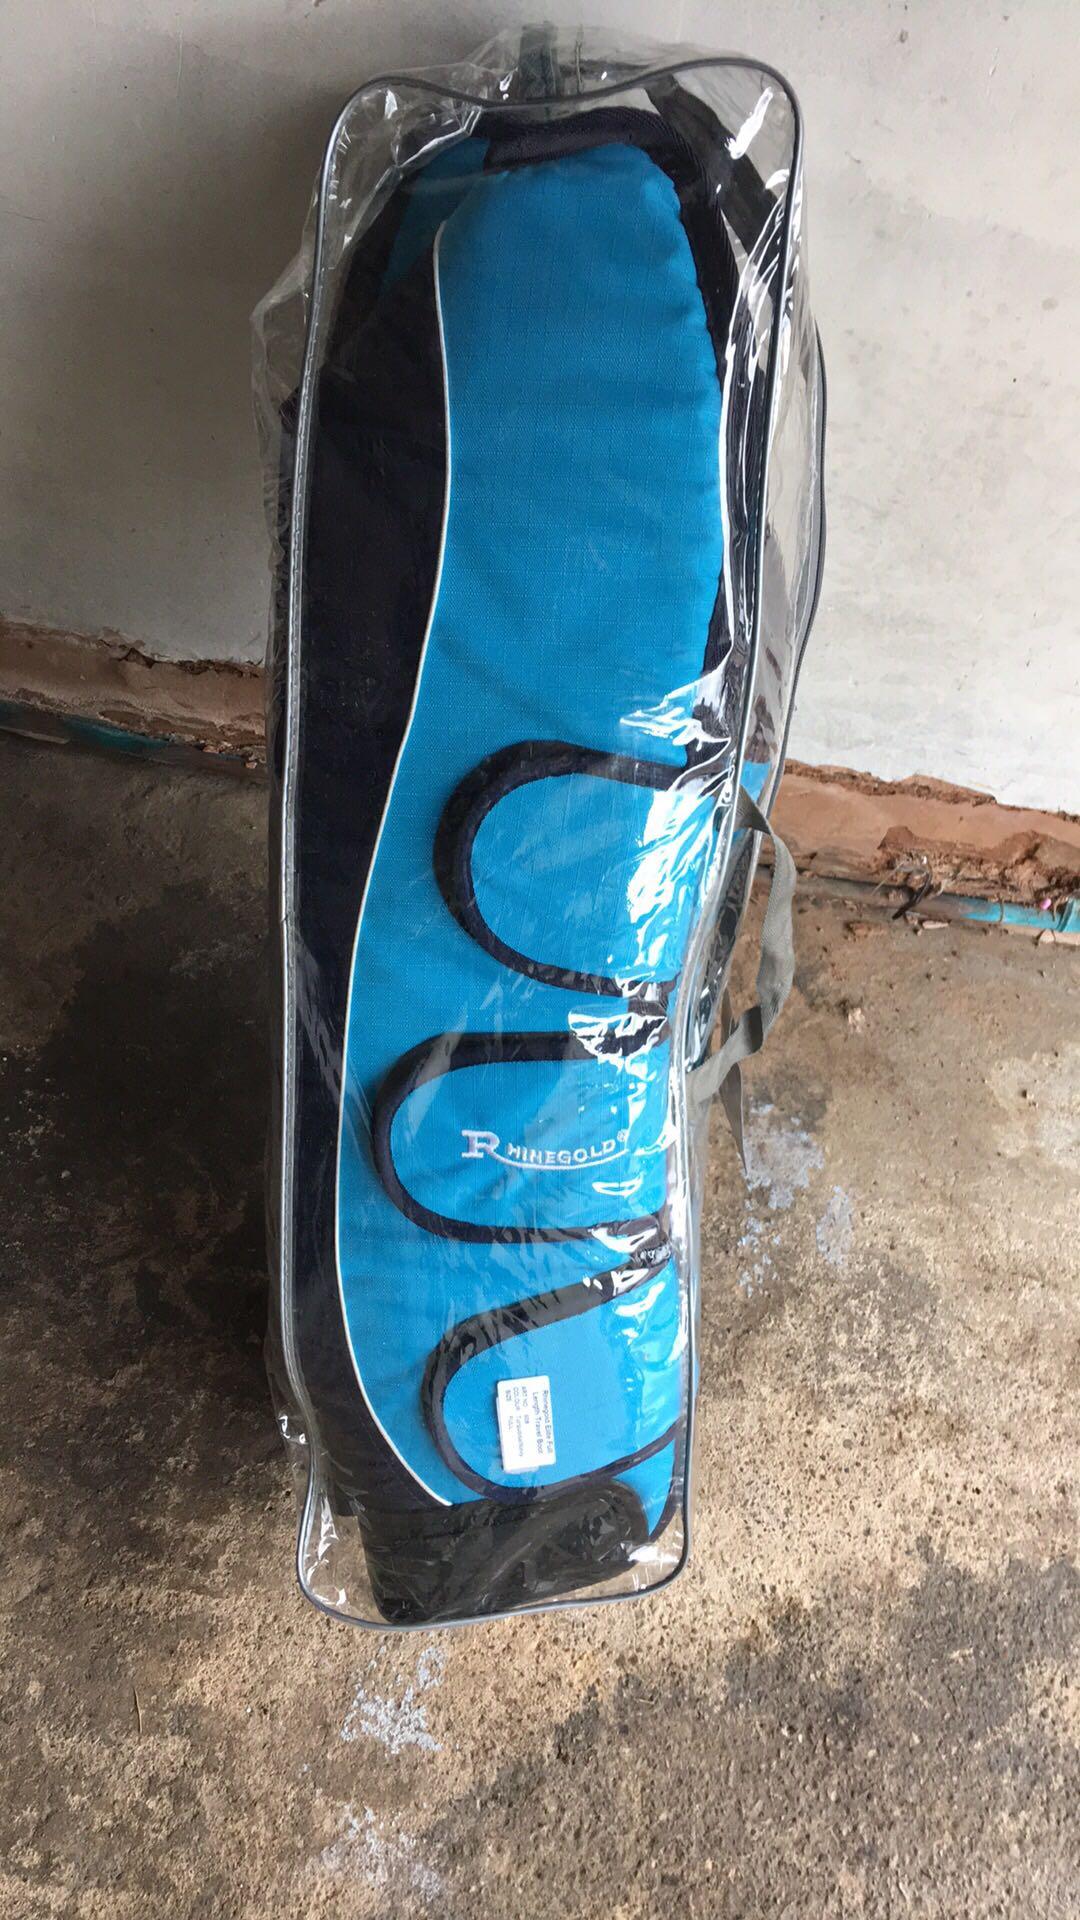 Rhinegold travel boots - Walesby, Newark, Notts - Rhinegold Teal full size travel boots x4 unused NEW!! - Walesby, Newark, Notts